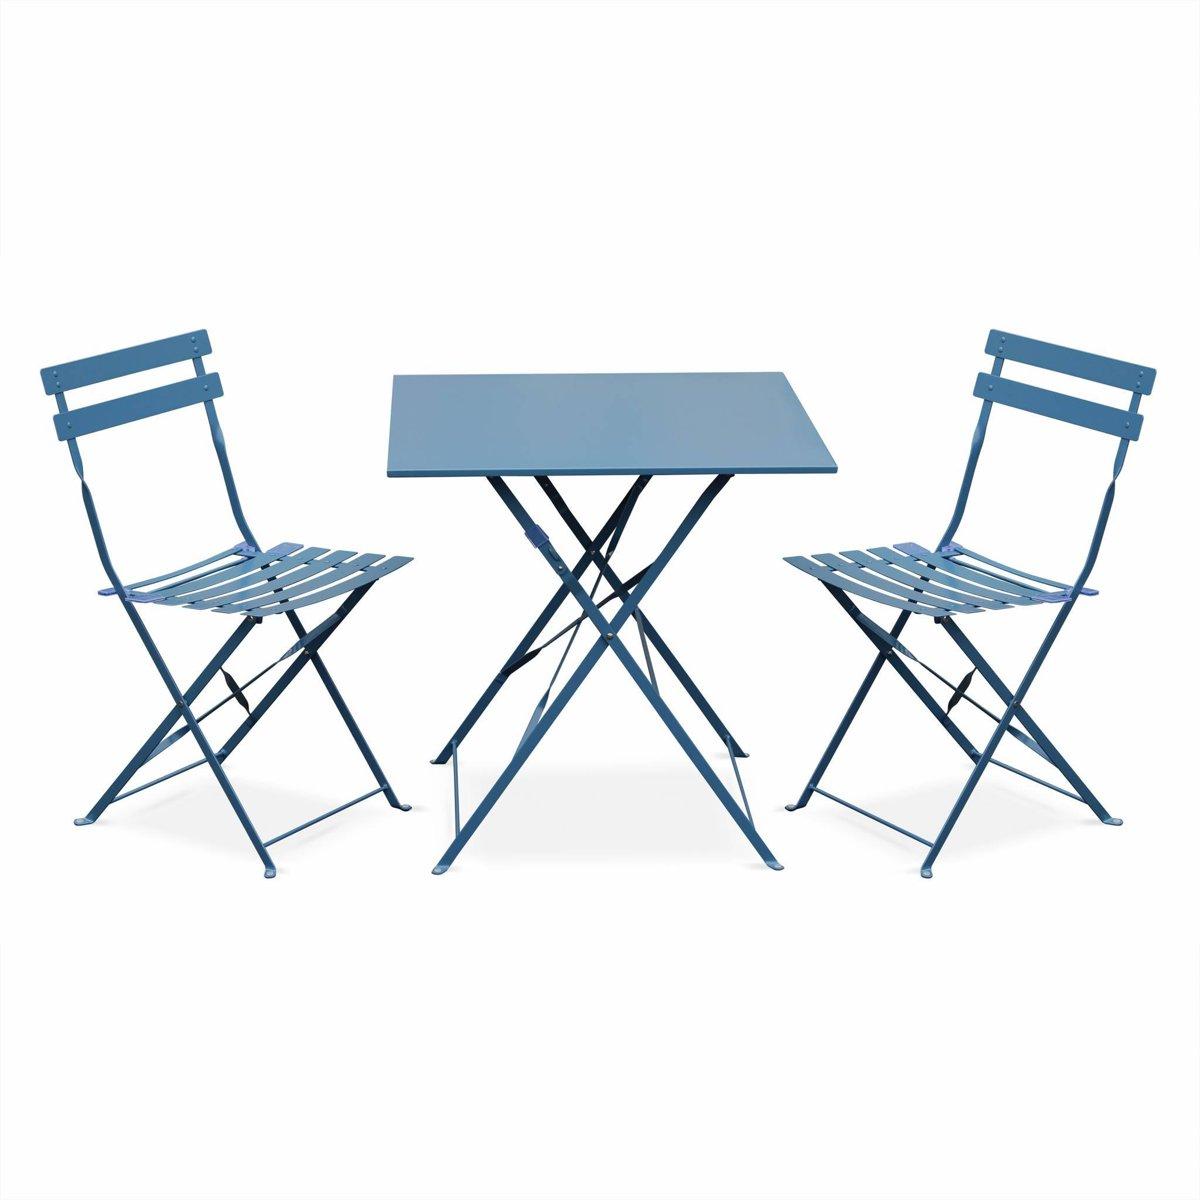 Bistro tuin set, 1 vierkante tafel en 2 opklapbare stoelen met poedercoating kopen